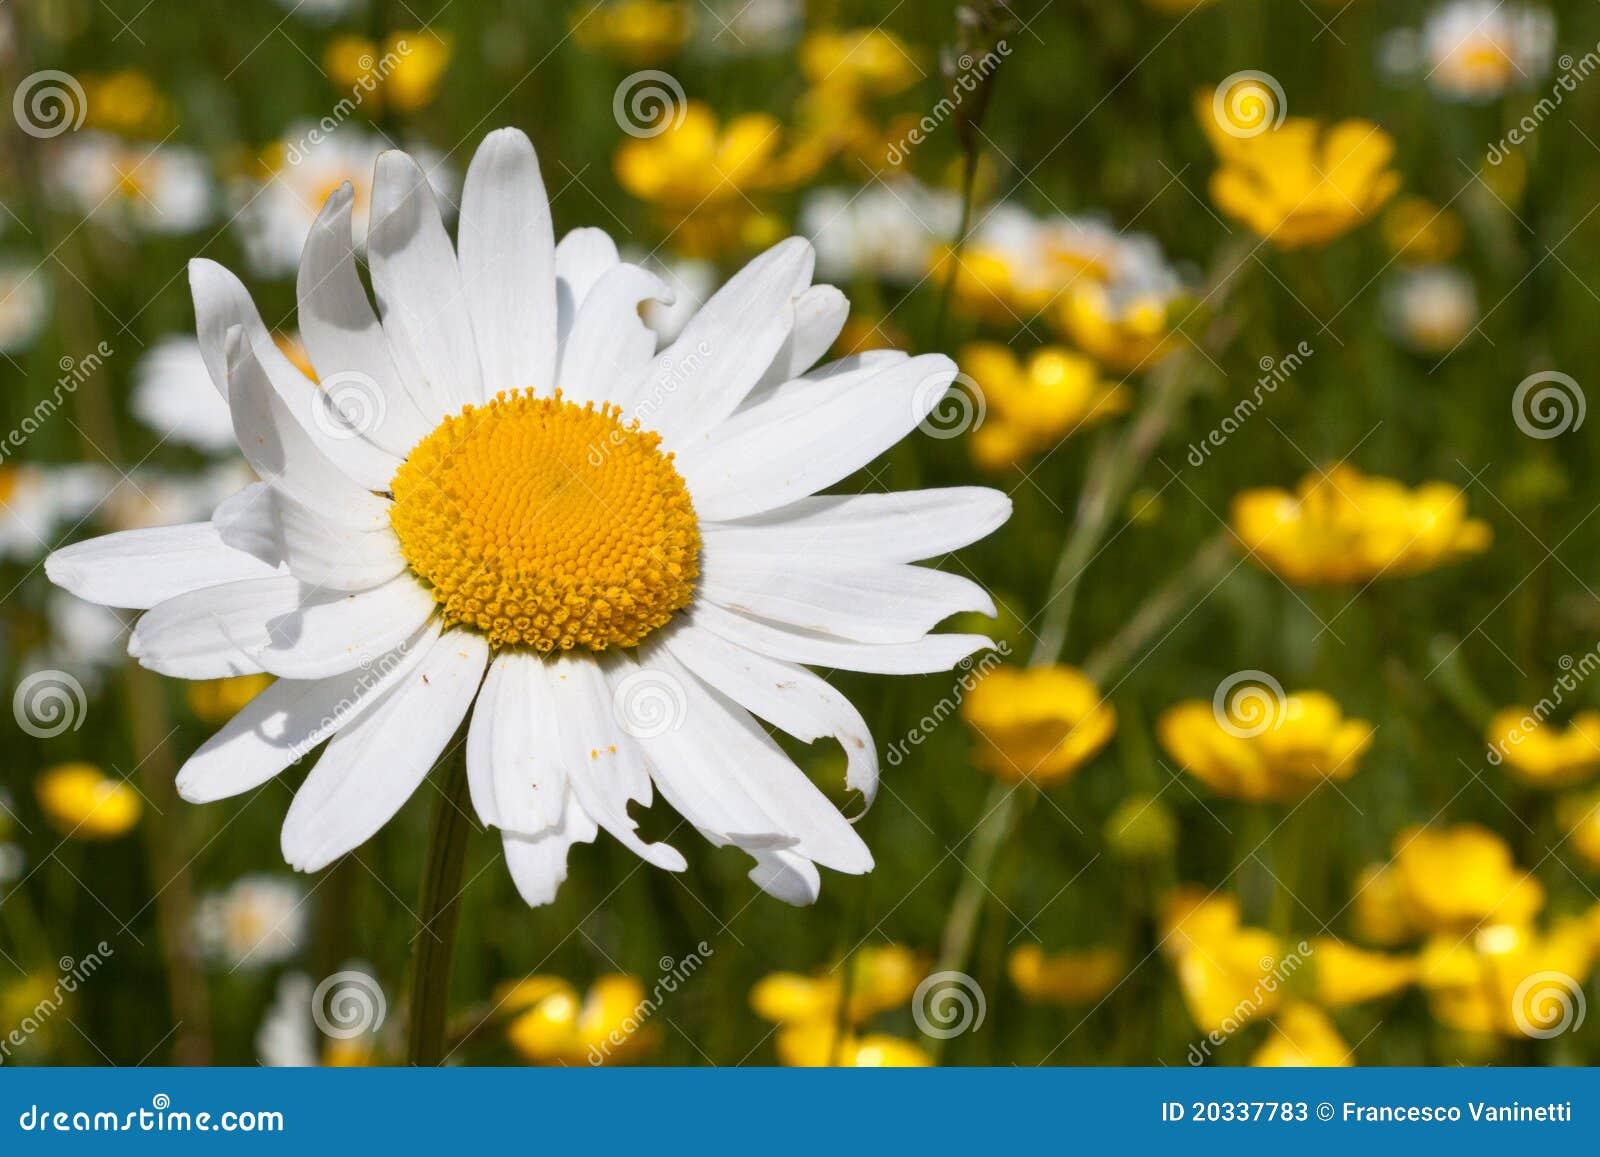 Fleur de marguerite au printemps photos stock image - Image fleur marguerite ...